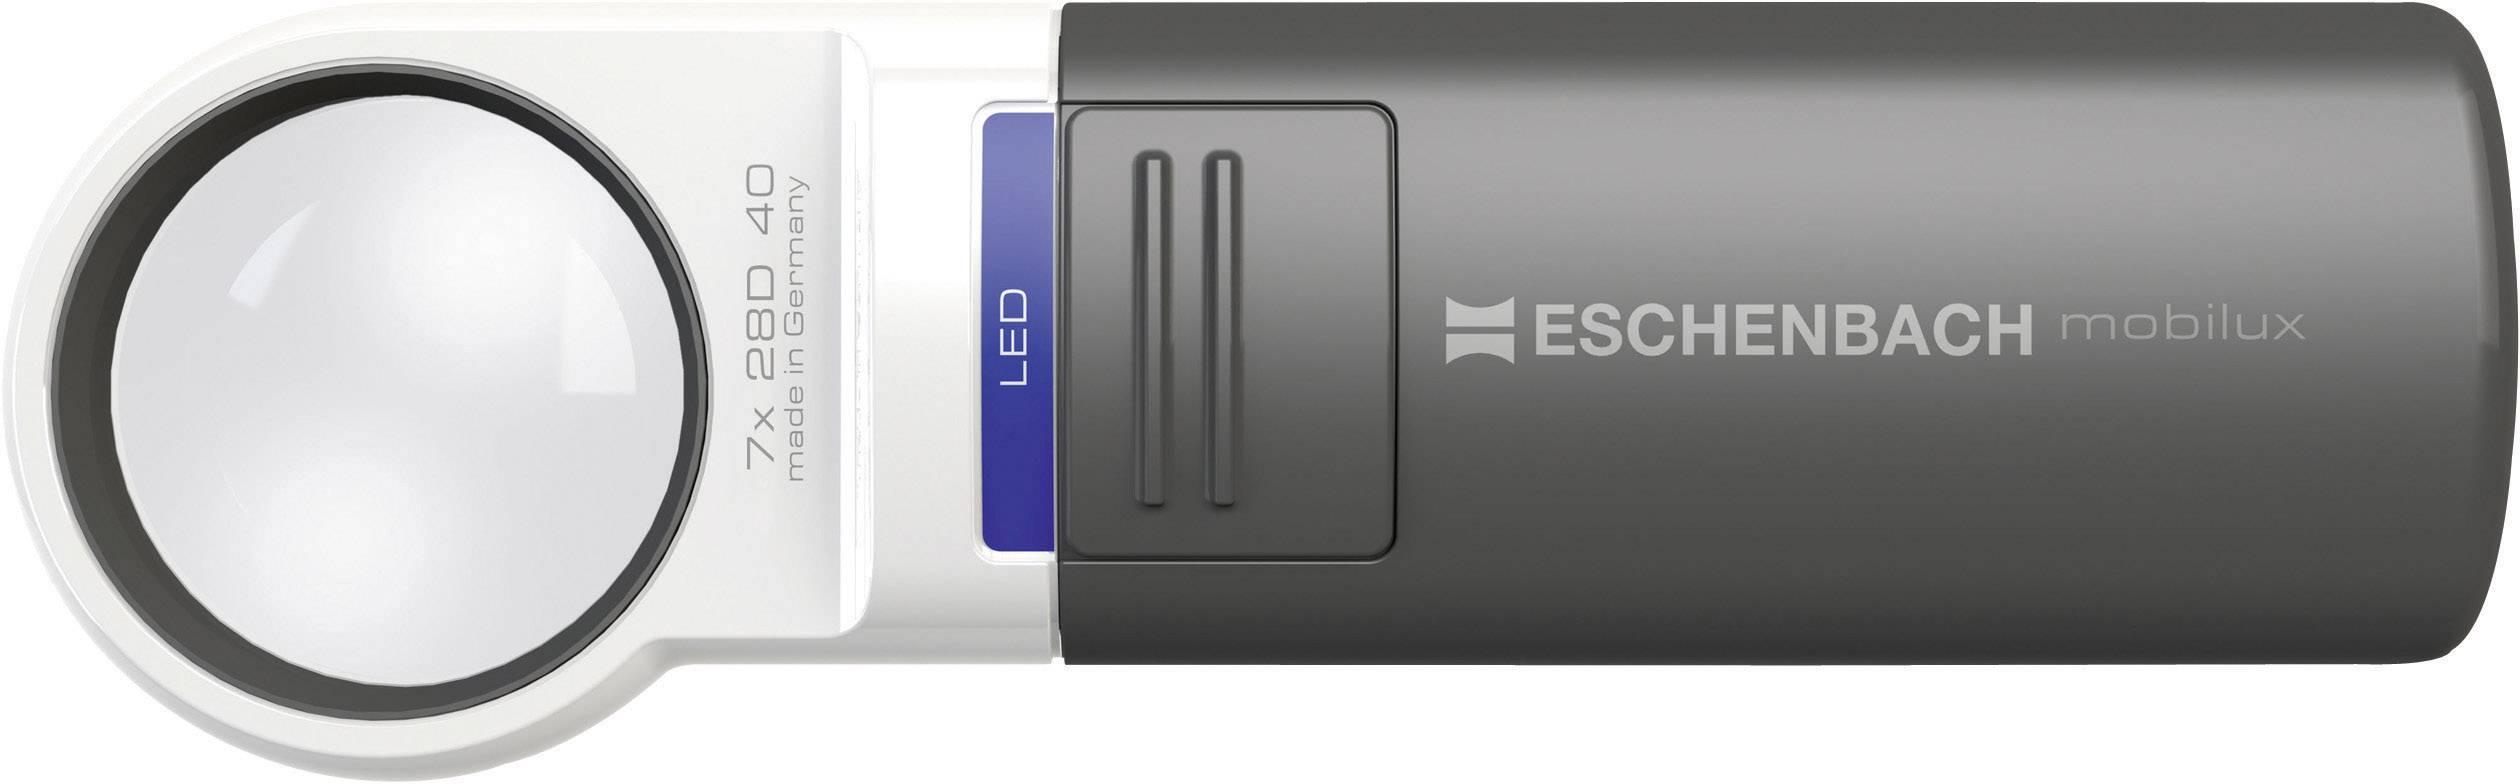 Lupa s LED osvětlením Eschenbach mobilux 151141, 60 mm, 4,0x